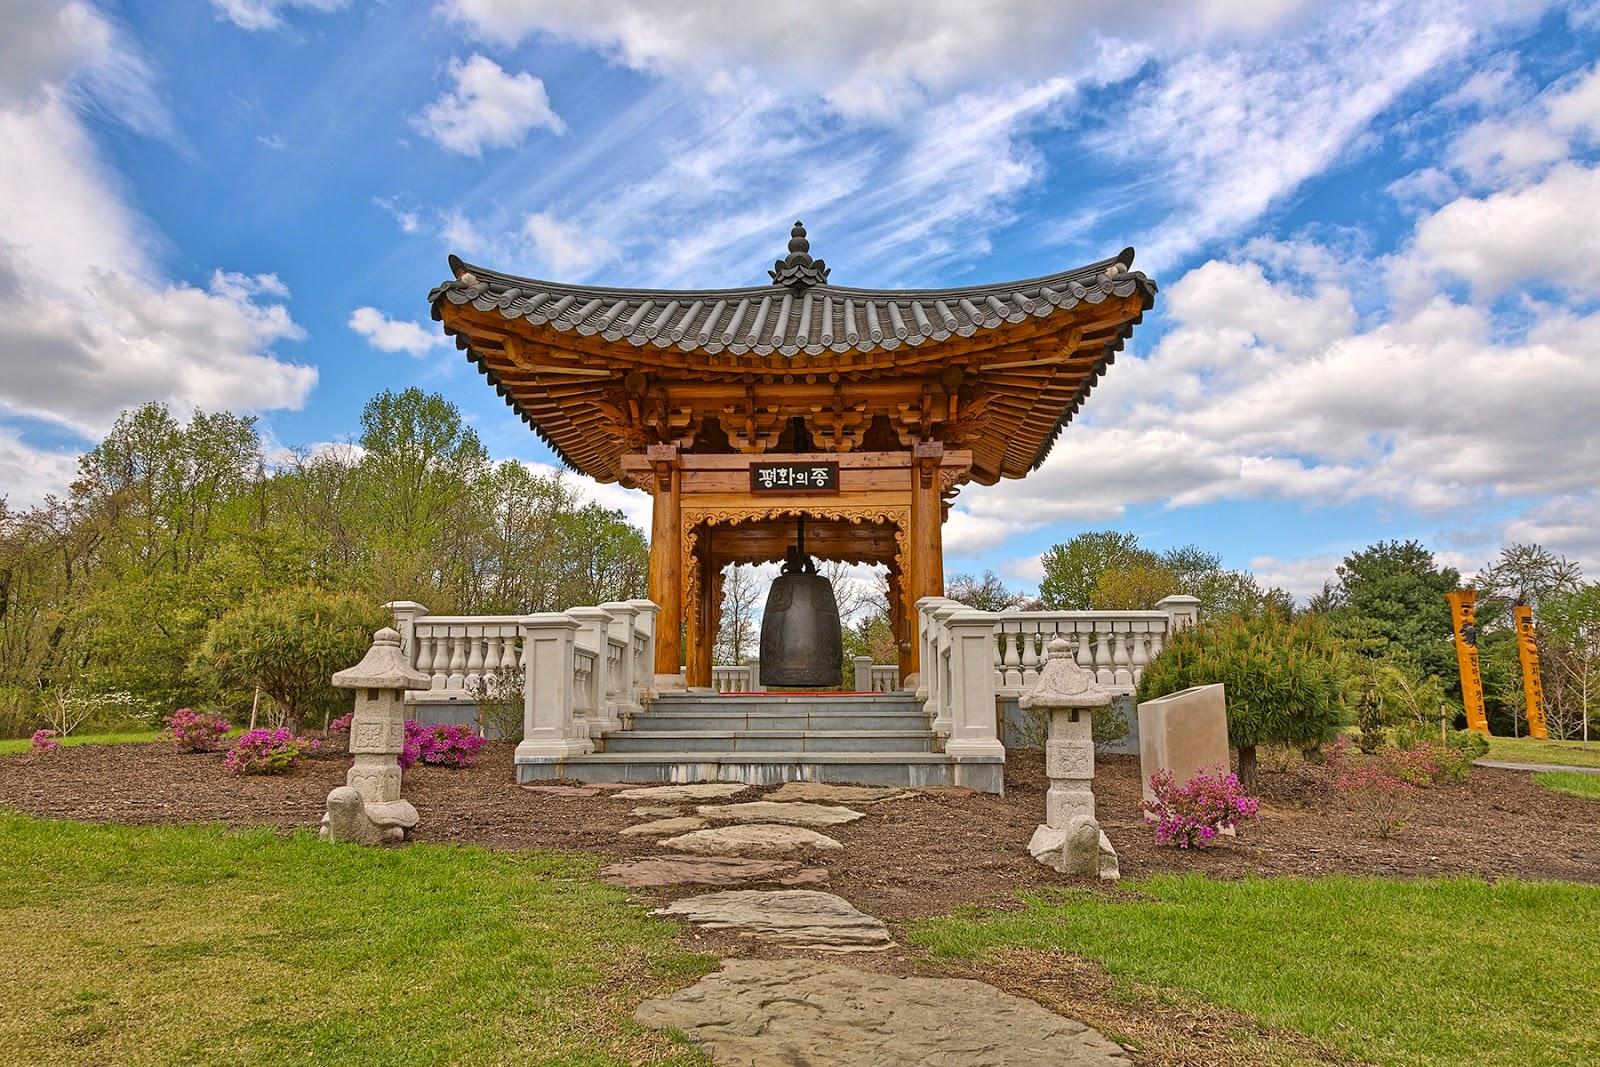 Regional Parks: Korean Bell Garden, Unique in Western Hemiphere